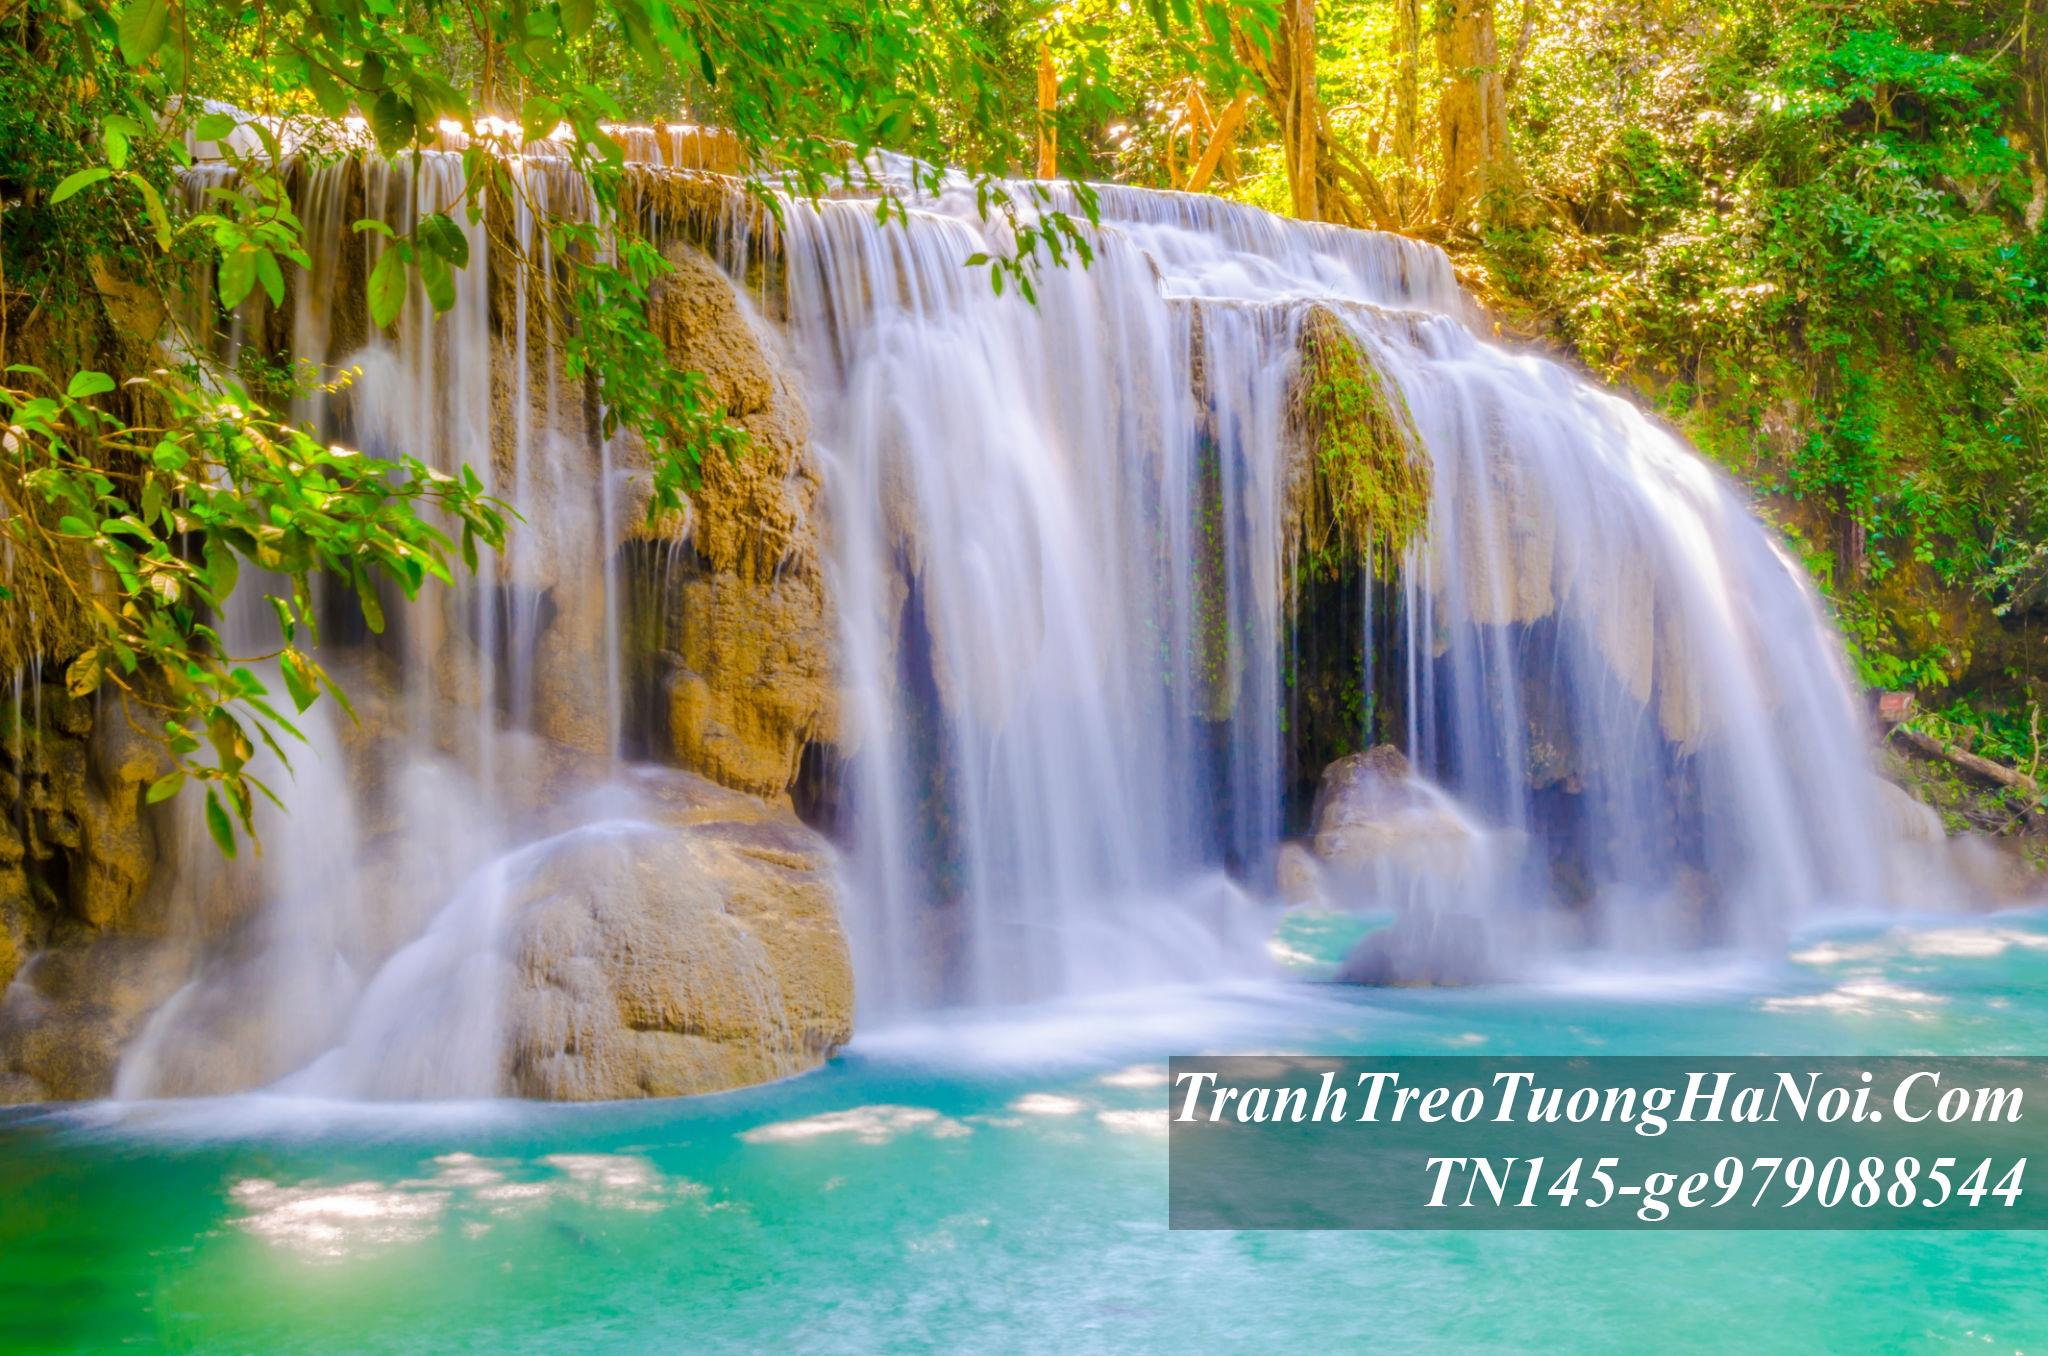 TN145-ge979088544 thac nuoc dep o thai lan